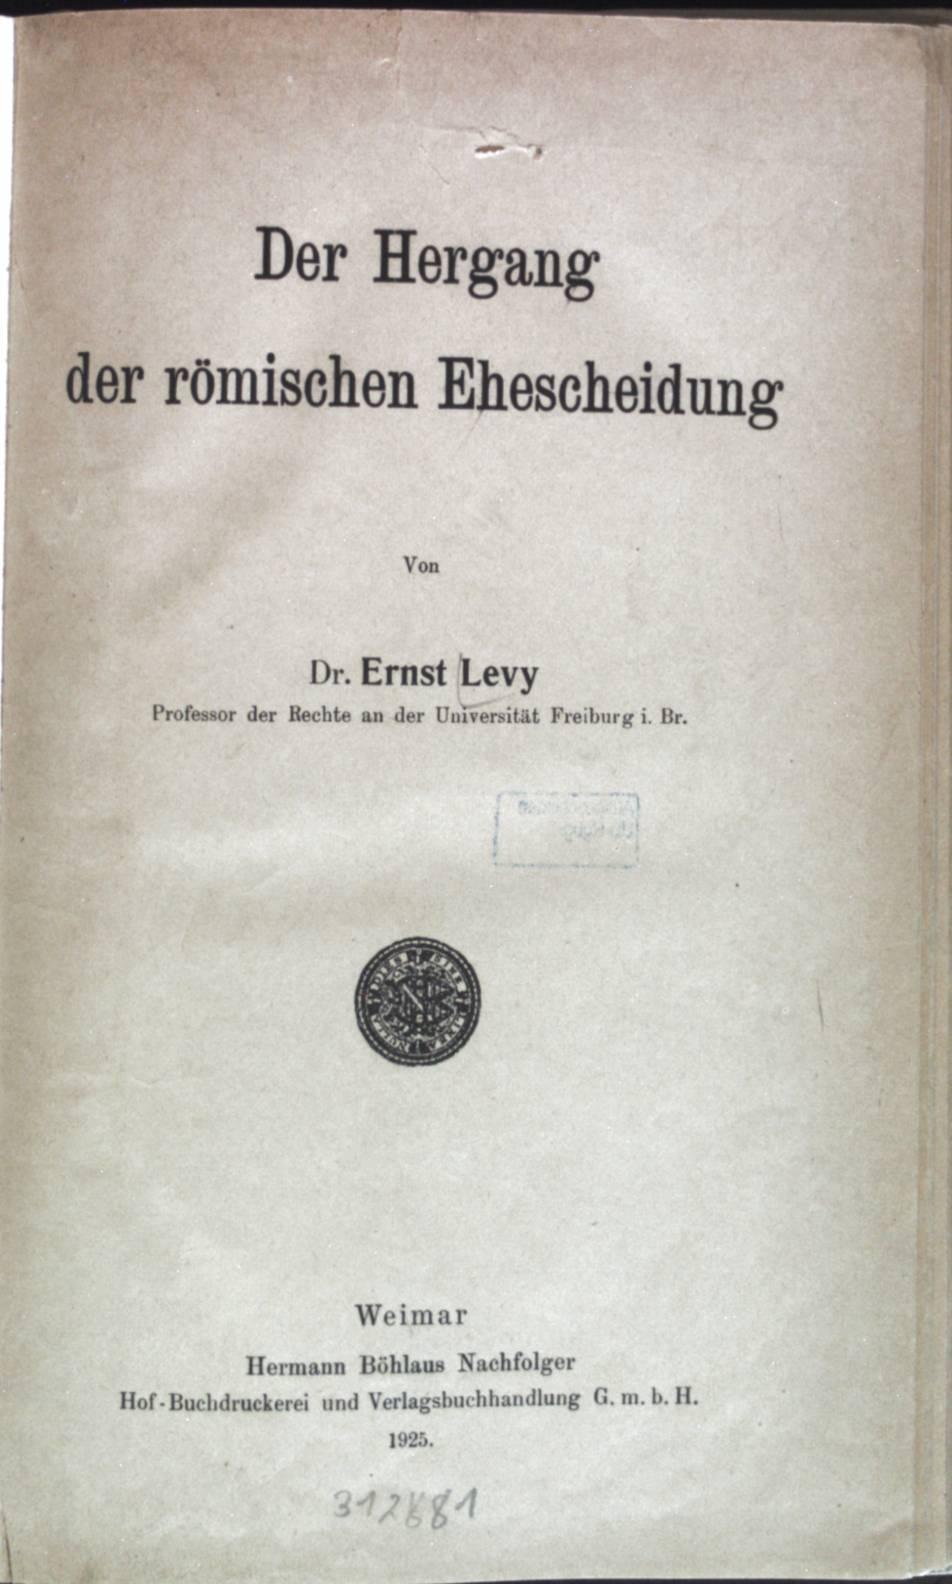 Der Hergang der römischen Ehescheidung: Levy, Ernst: